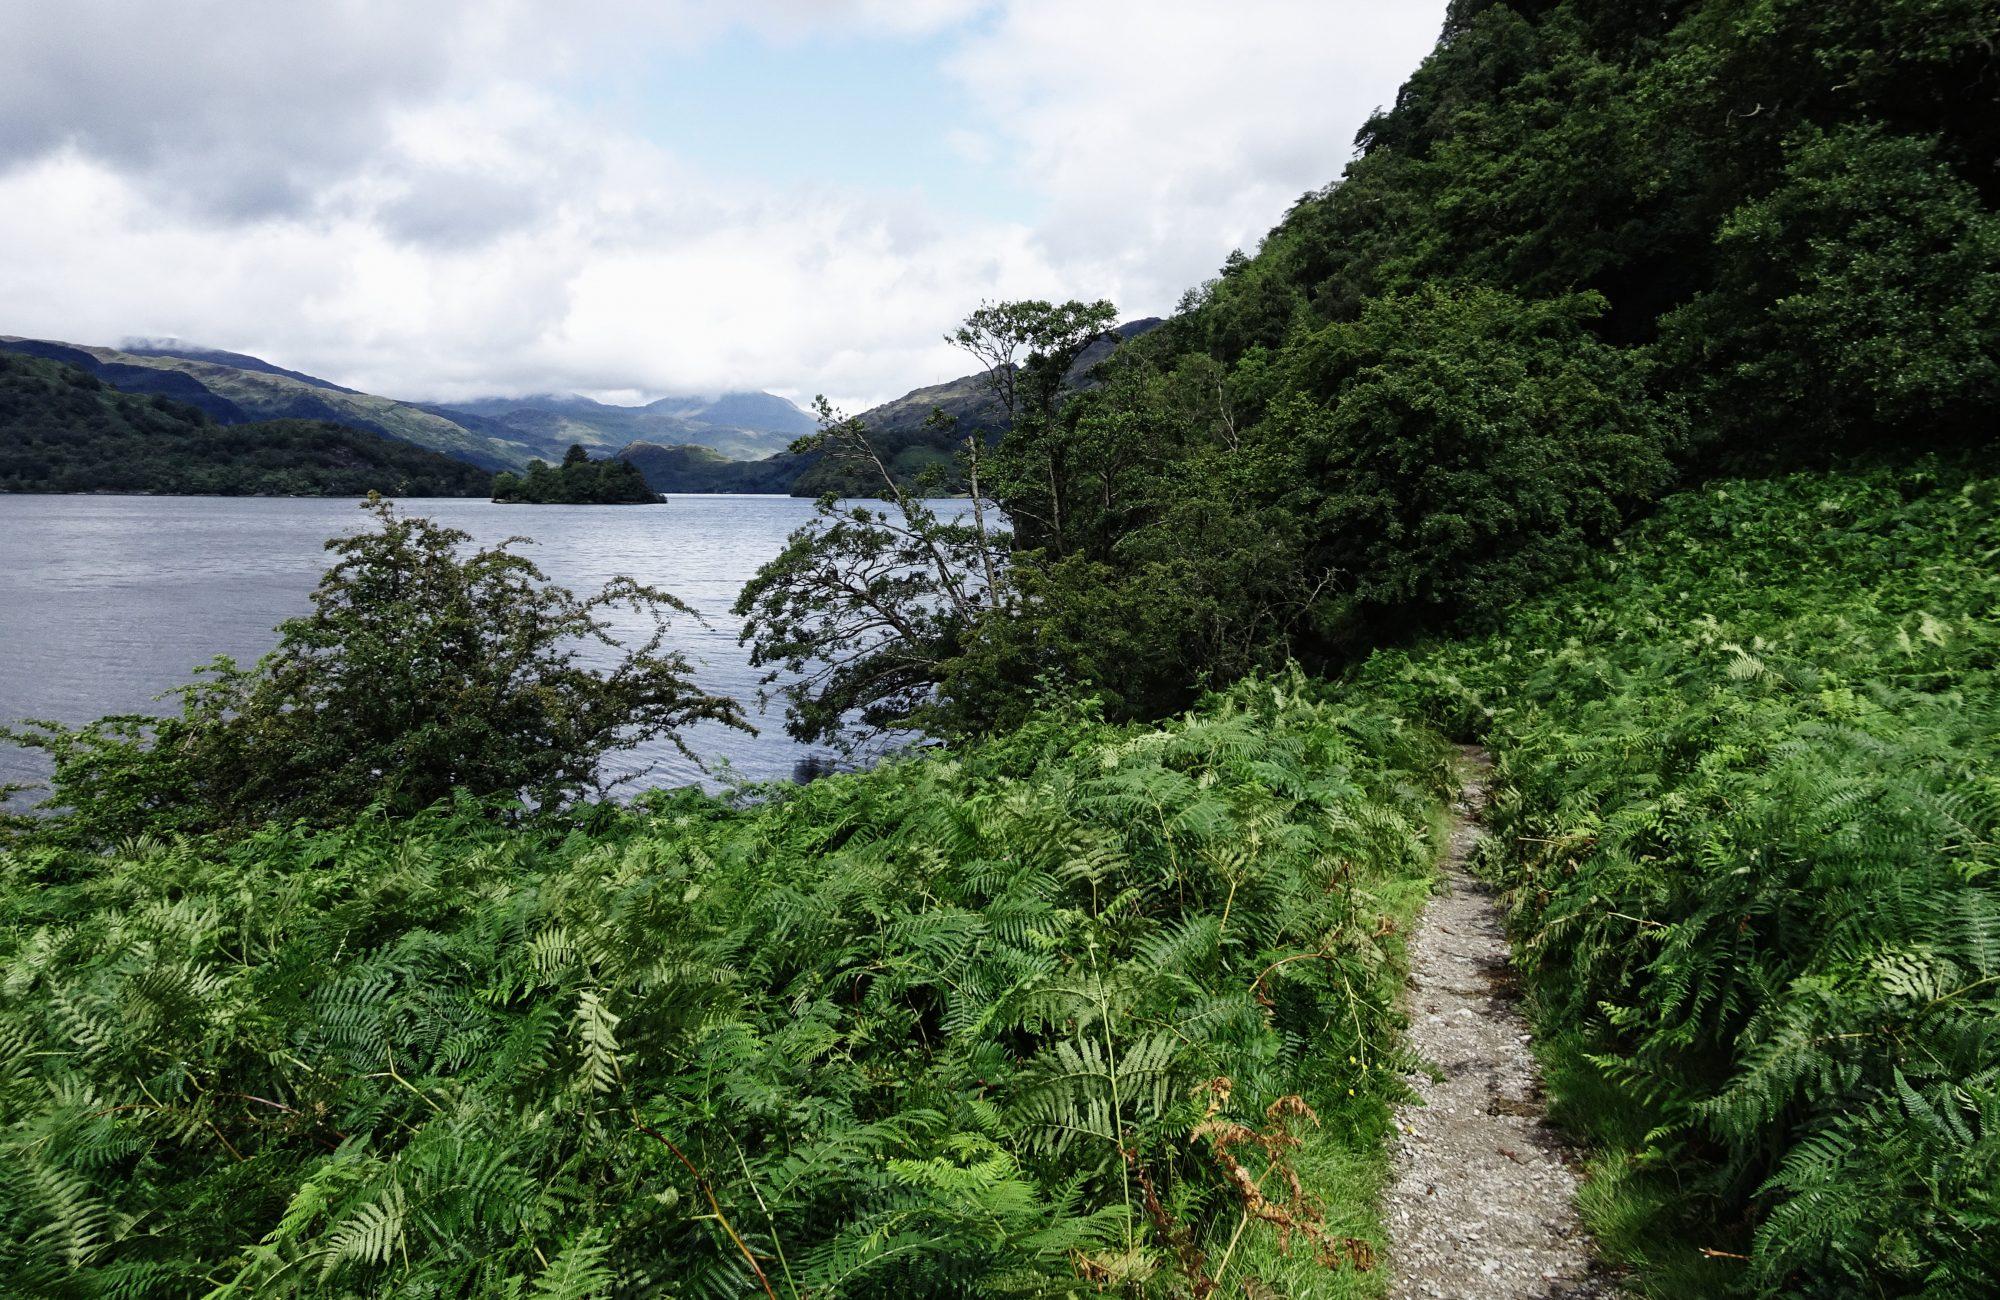 Es grünt so grün am Loch Lomond, West Highland Way, Schottland, Wanderung, Weitwandern, Trekking, Highlands